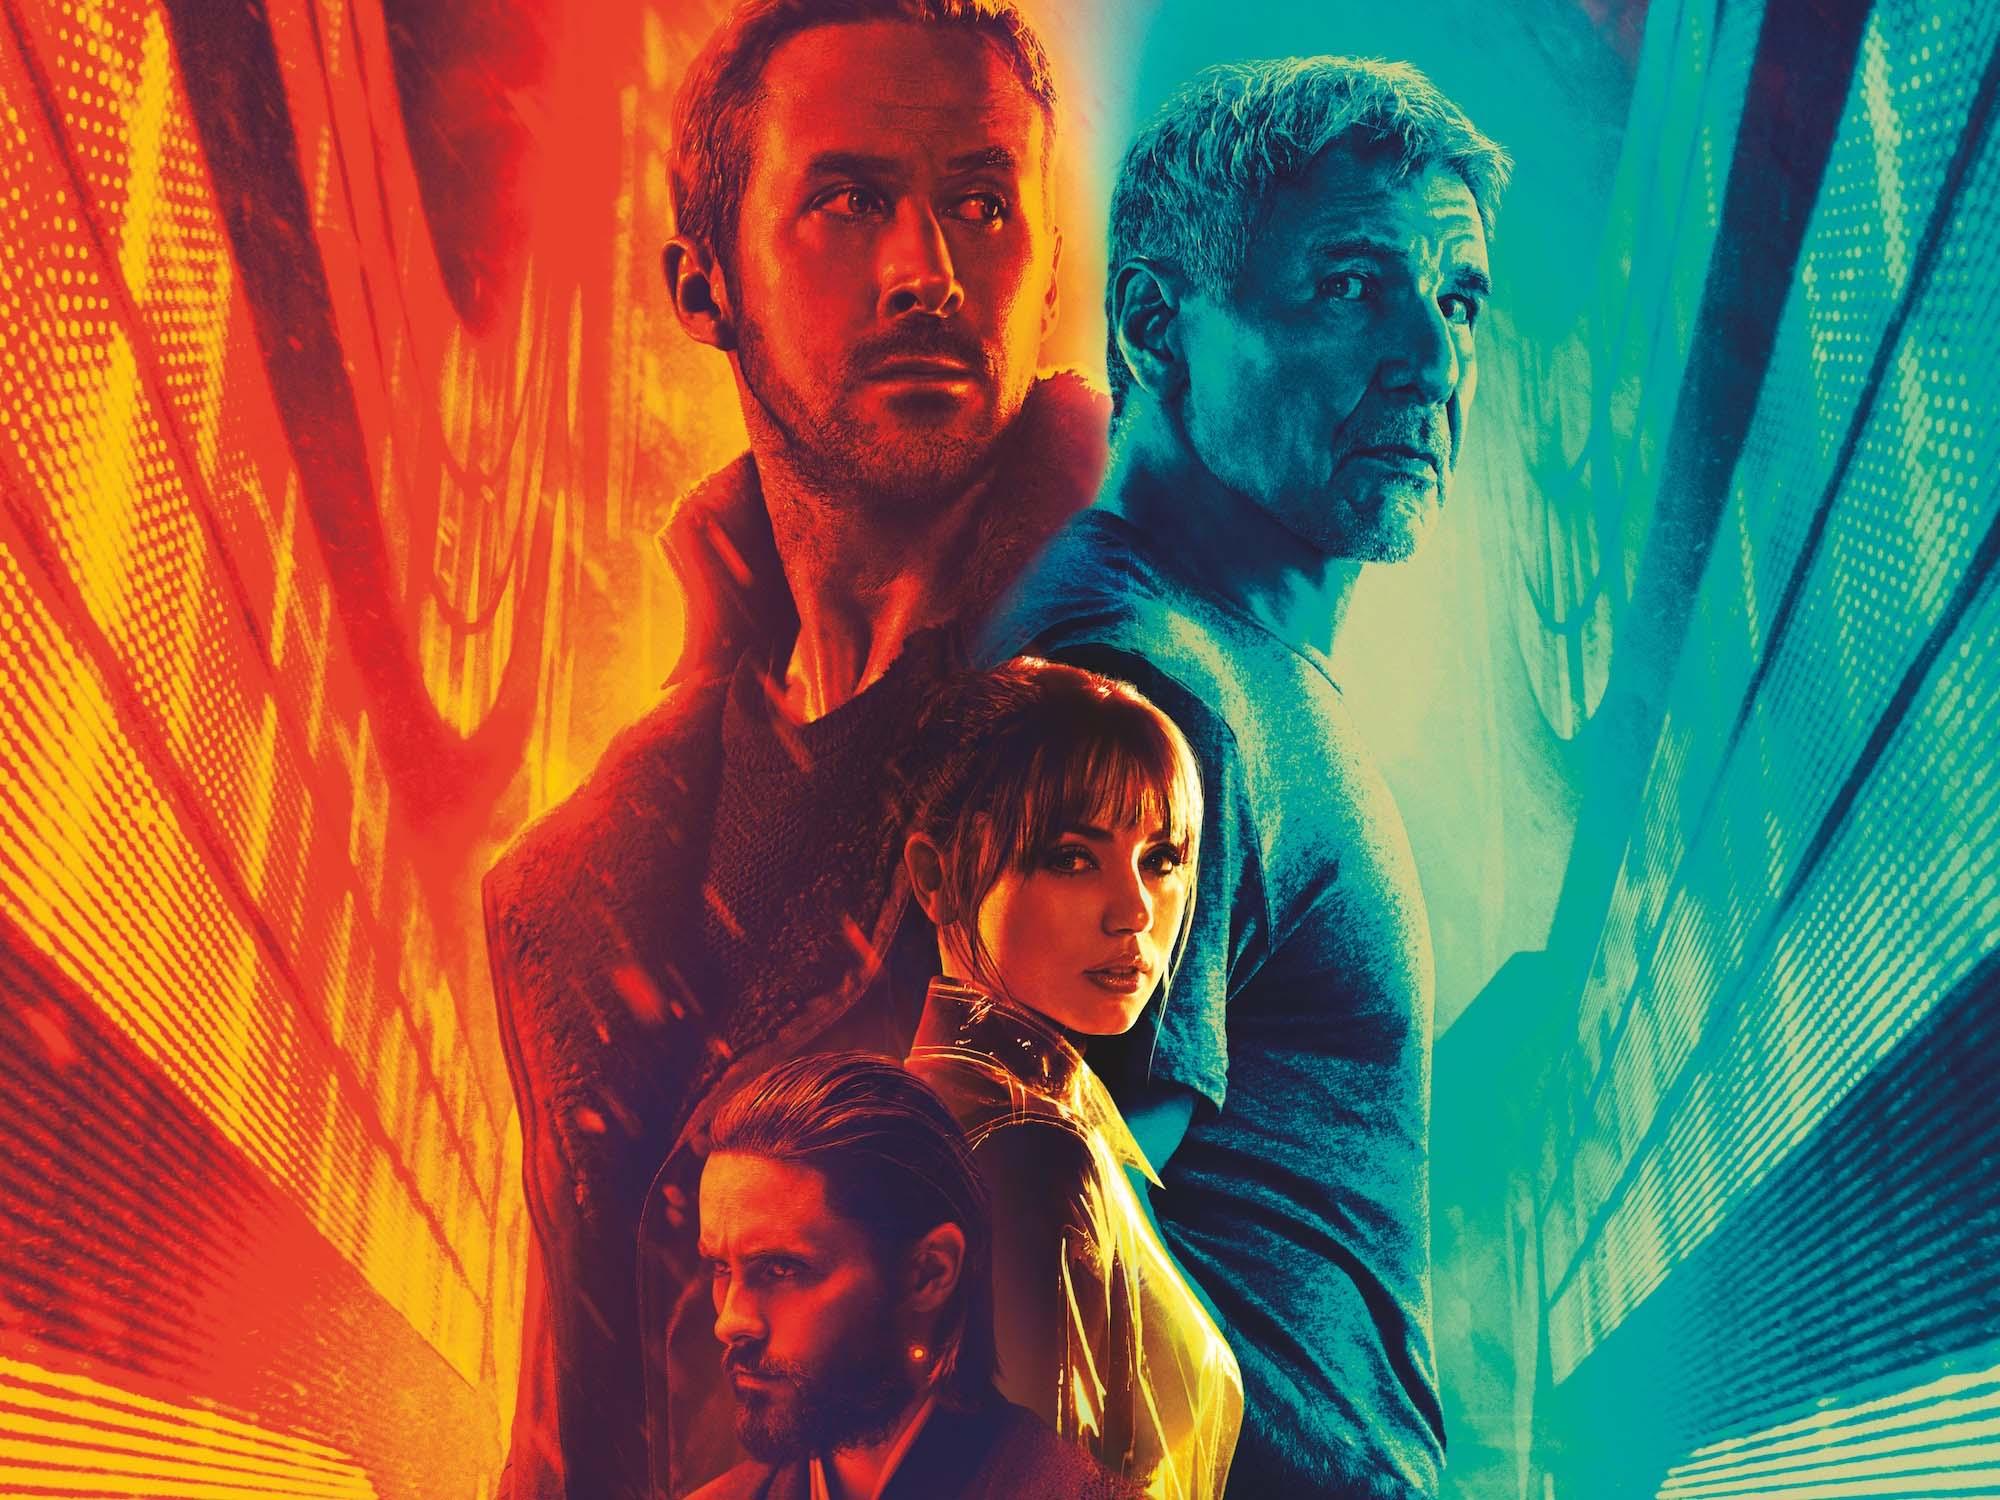 Blade-Runner-2049-Film-Review.jpg